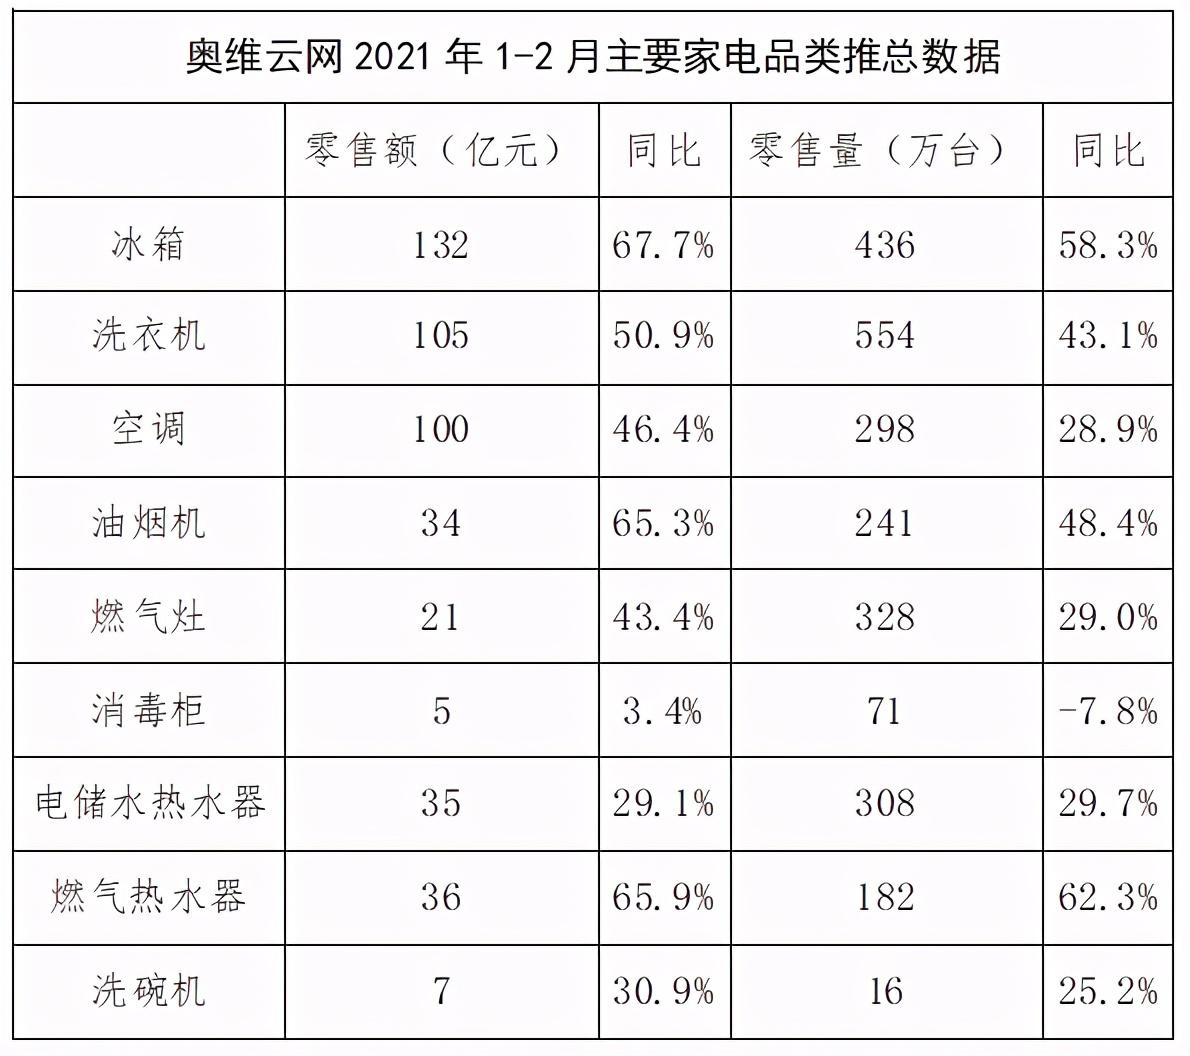 1-2月中国家电行业普涨,冰箱售出436万台